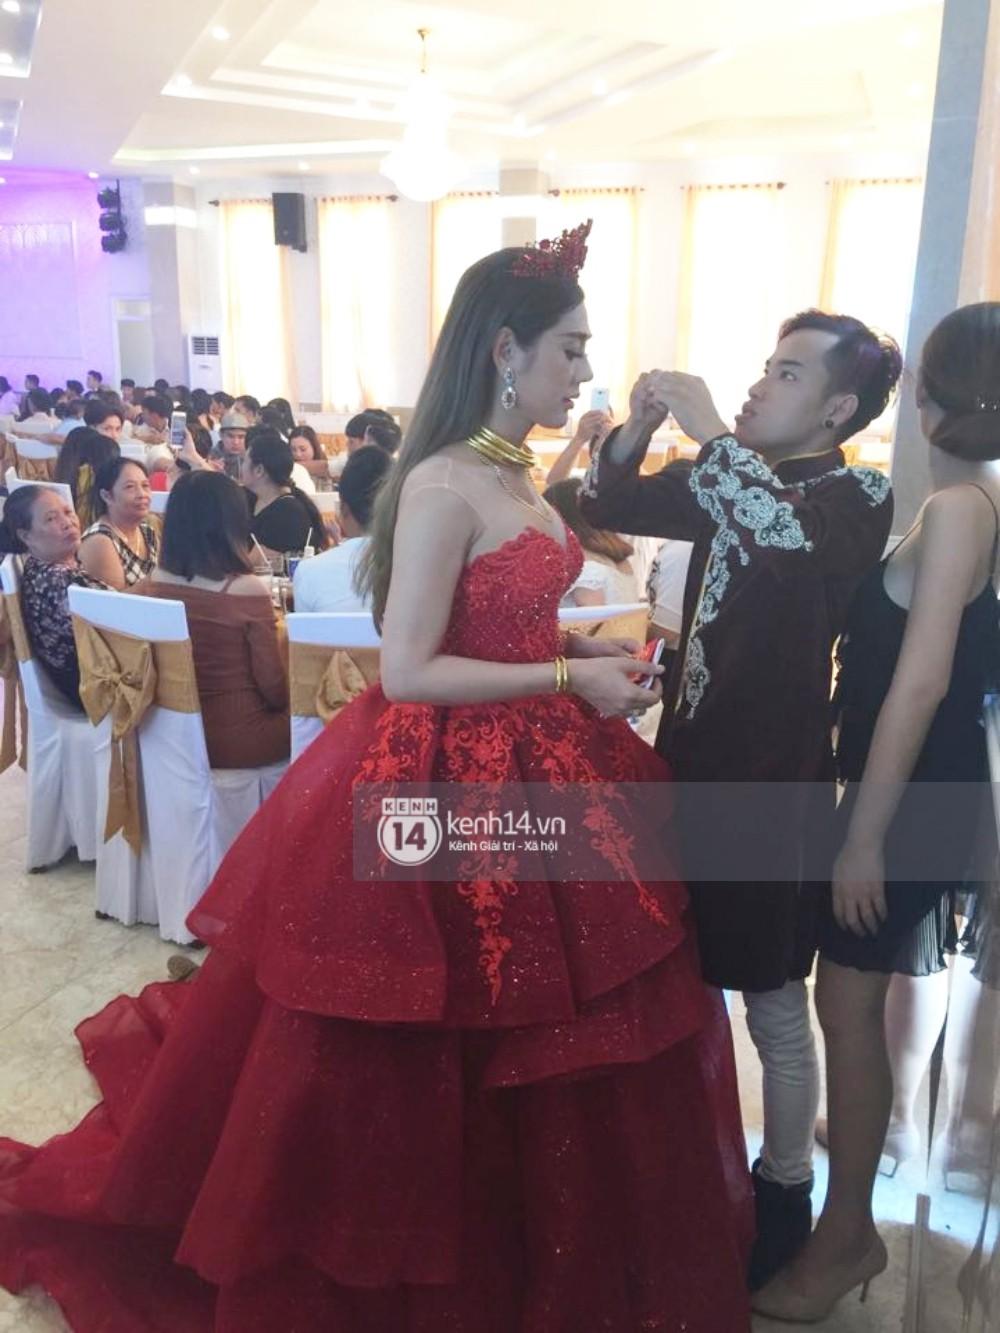 Lâm Khánh Chi chơi lớn thay đến 5 bộ váy tà dài quét đất chẳng khác nào đi thảm đỏ sự kiện trong đám cưới - Ảnh 11.